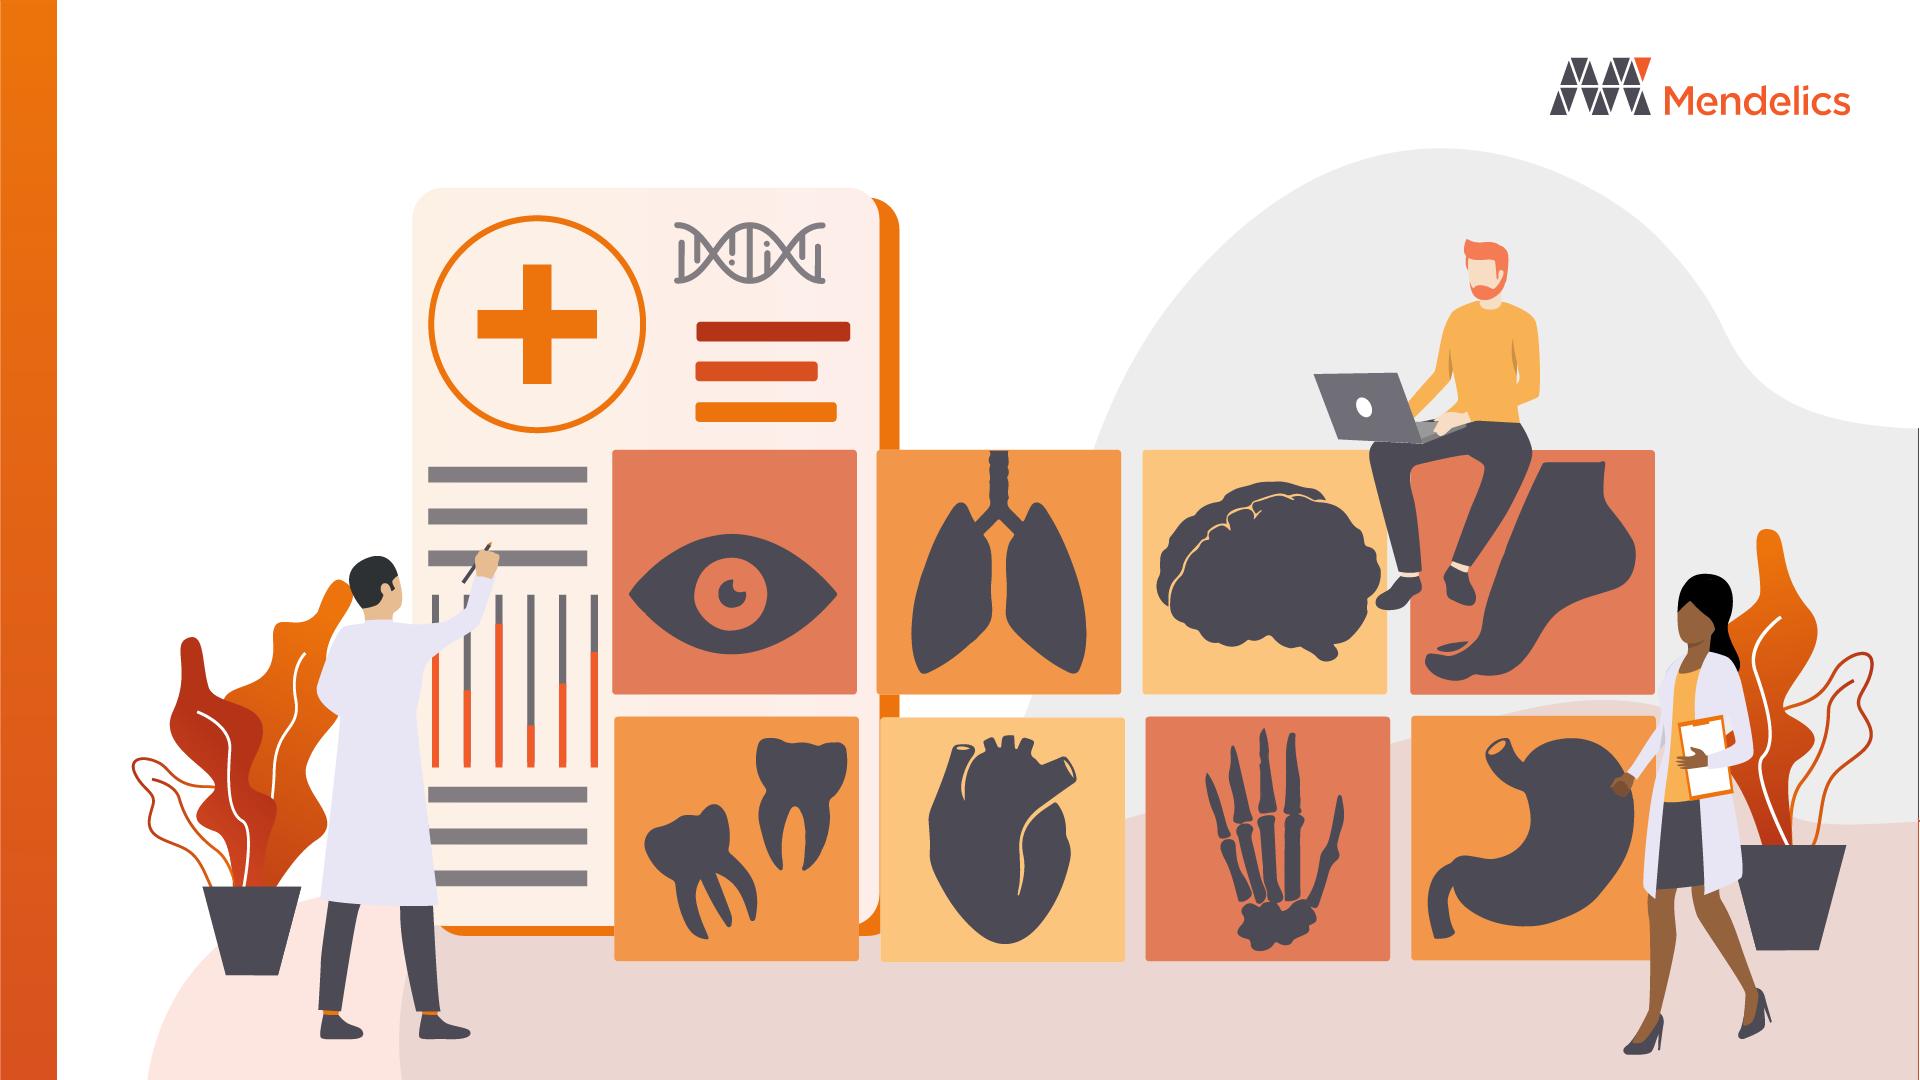 diagnóstico genético da fibrose cística